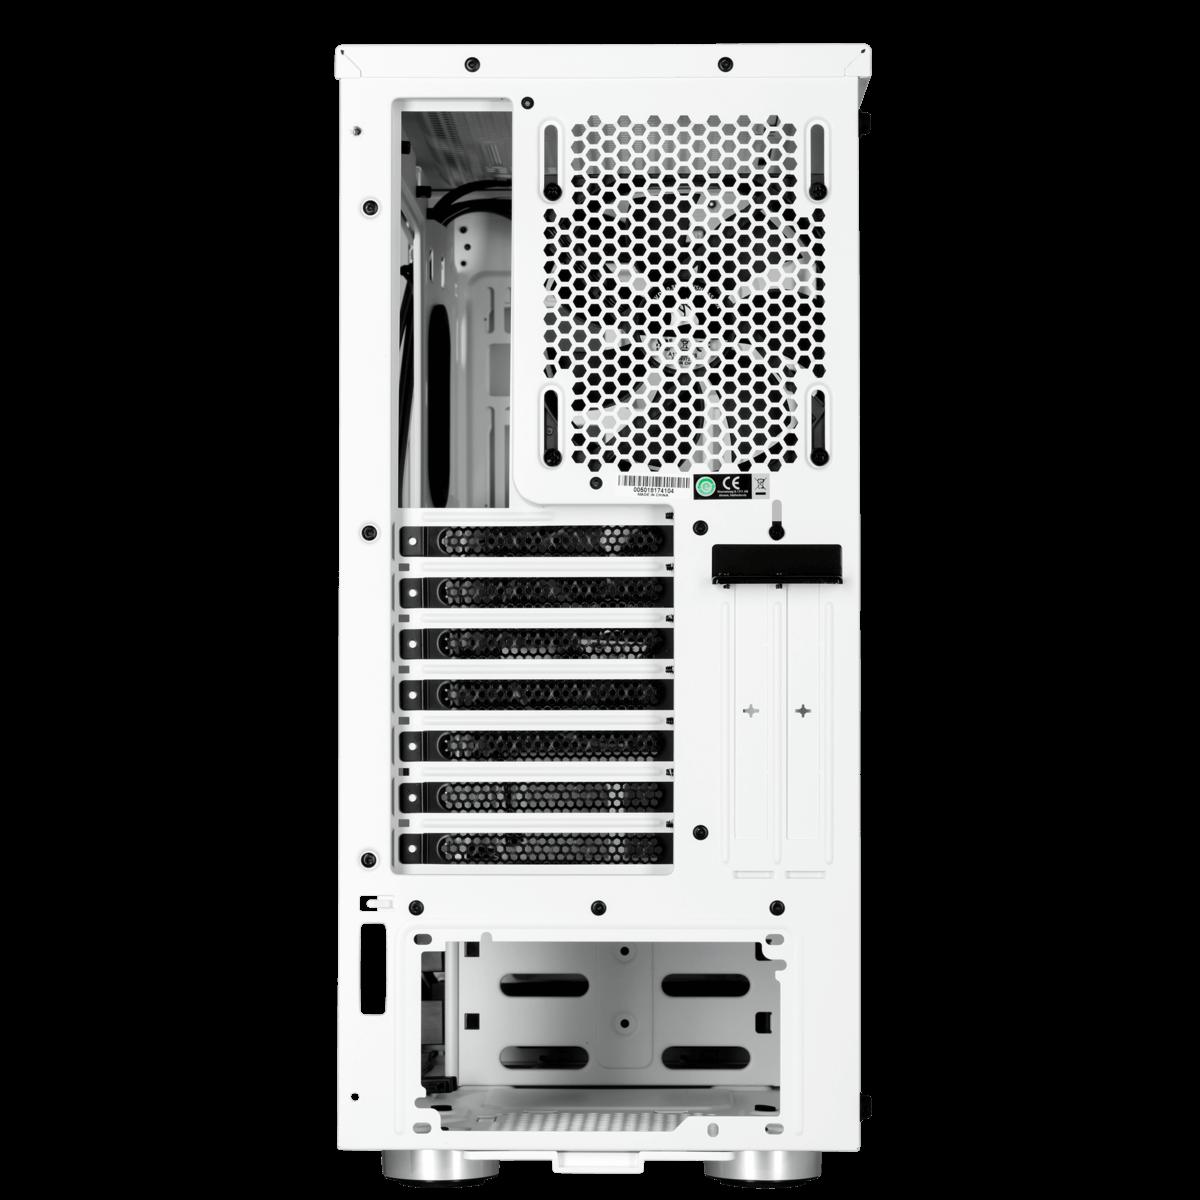 Gabinete Gamer Corsair Carbide SPEC-06, Mid Tower, Com 2 Fan, Vidro temperado, White, Sem Fonte, CC-9011145-WW